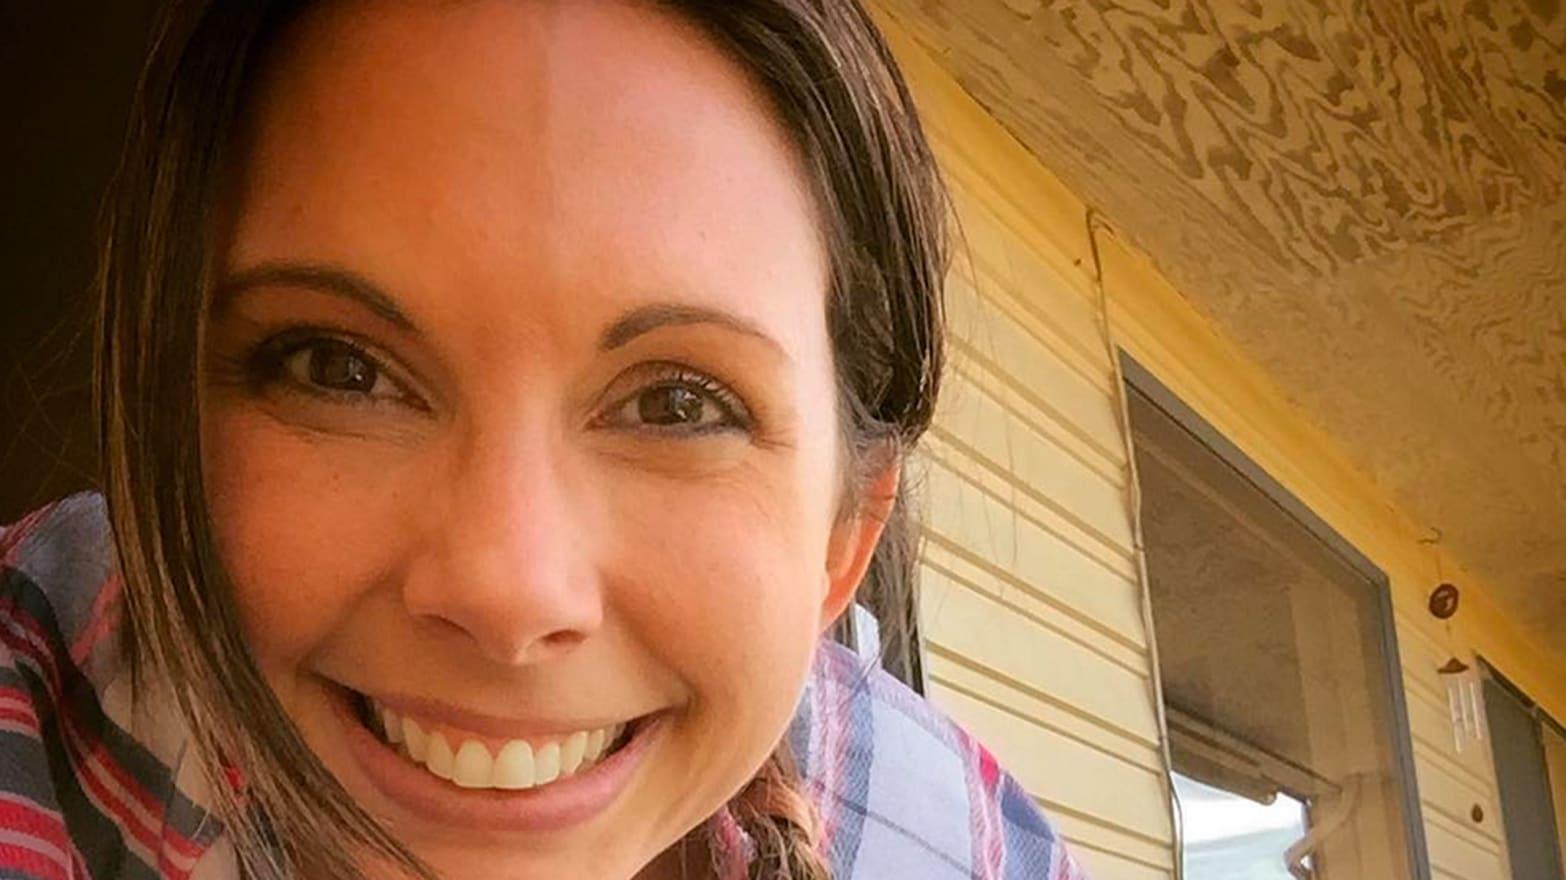 Kelly Herron, Seattle Sex Assault Survivor, Slams Anti-Trans Group